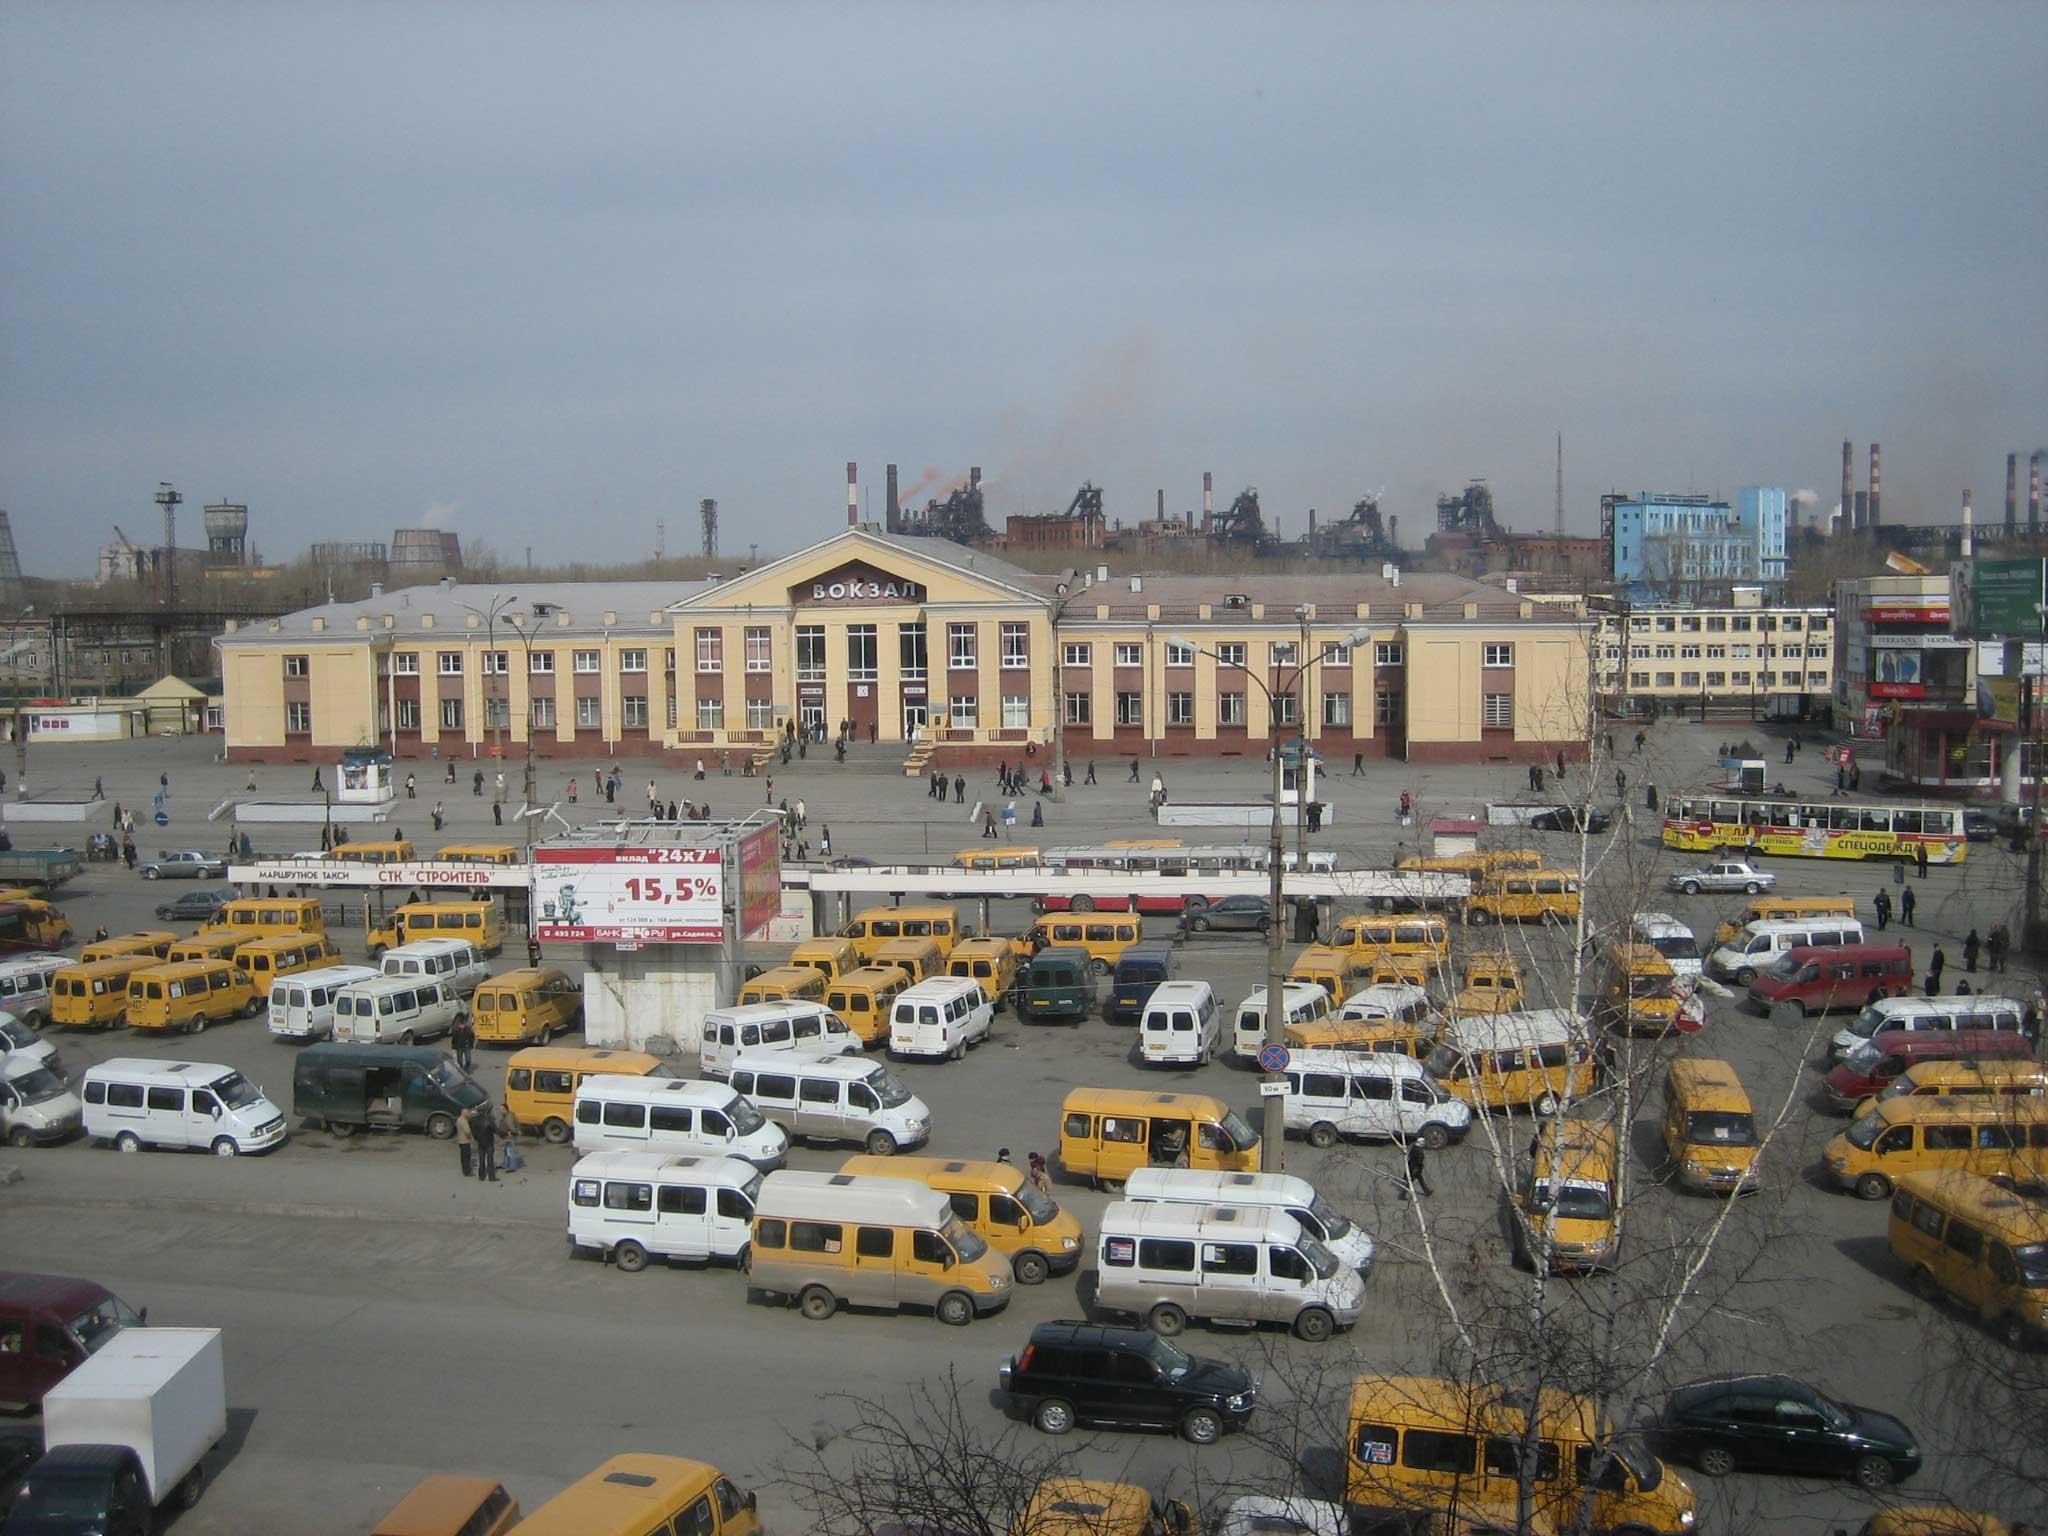 Балашовский вокзал теперь будет выглядеть как-то так. Стырено с луркморе.